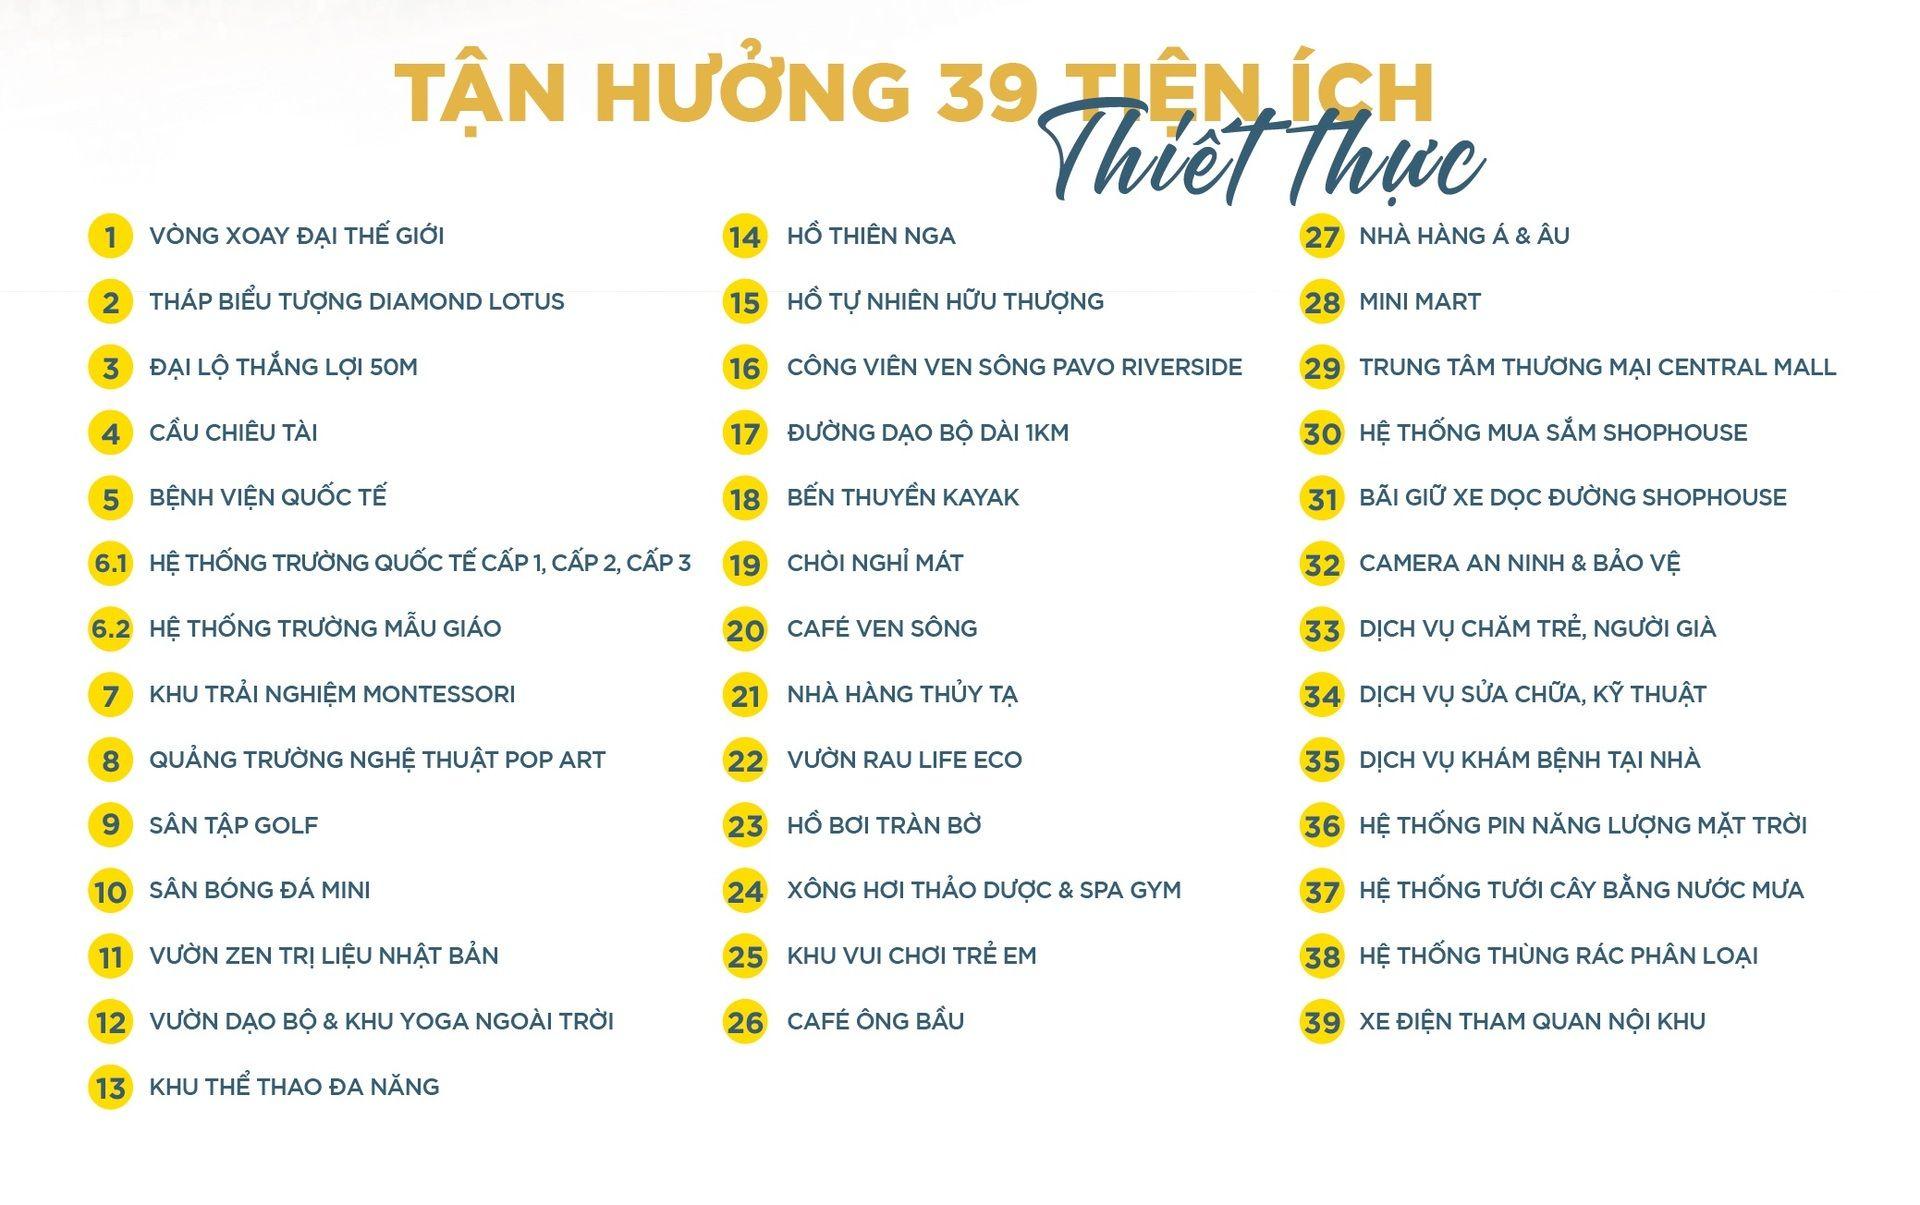 39 Tien Ich The Sol City